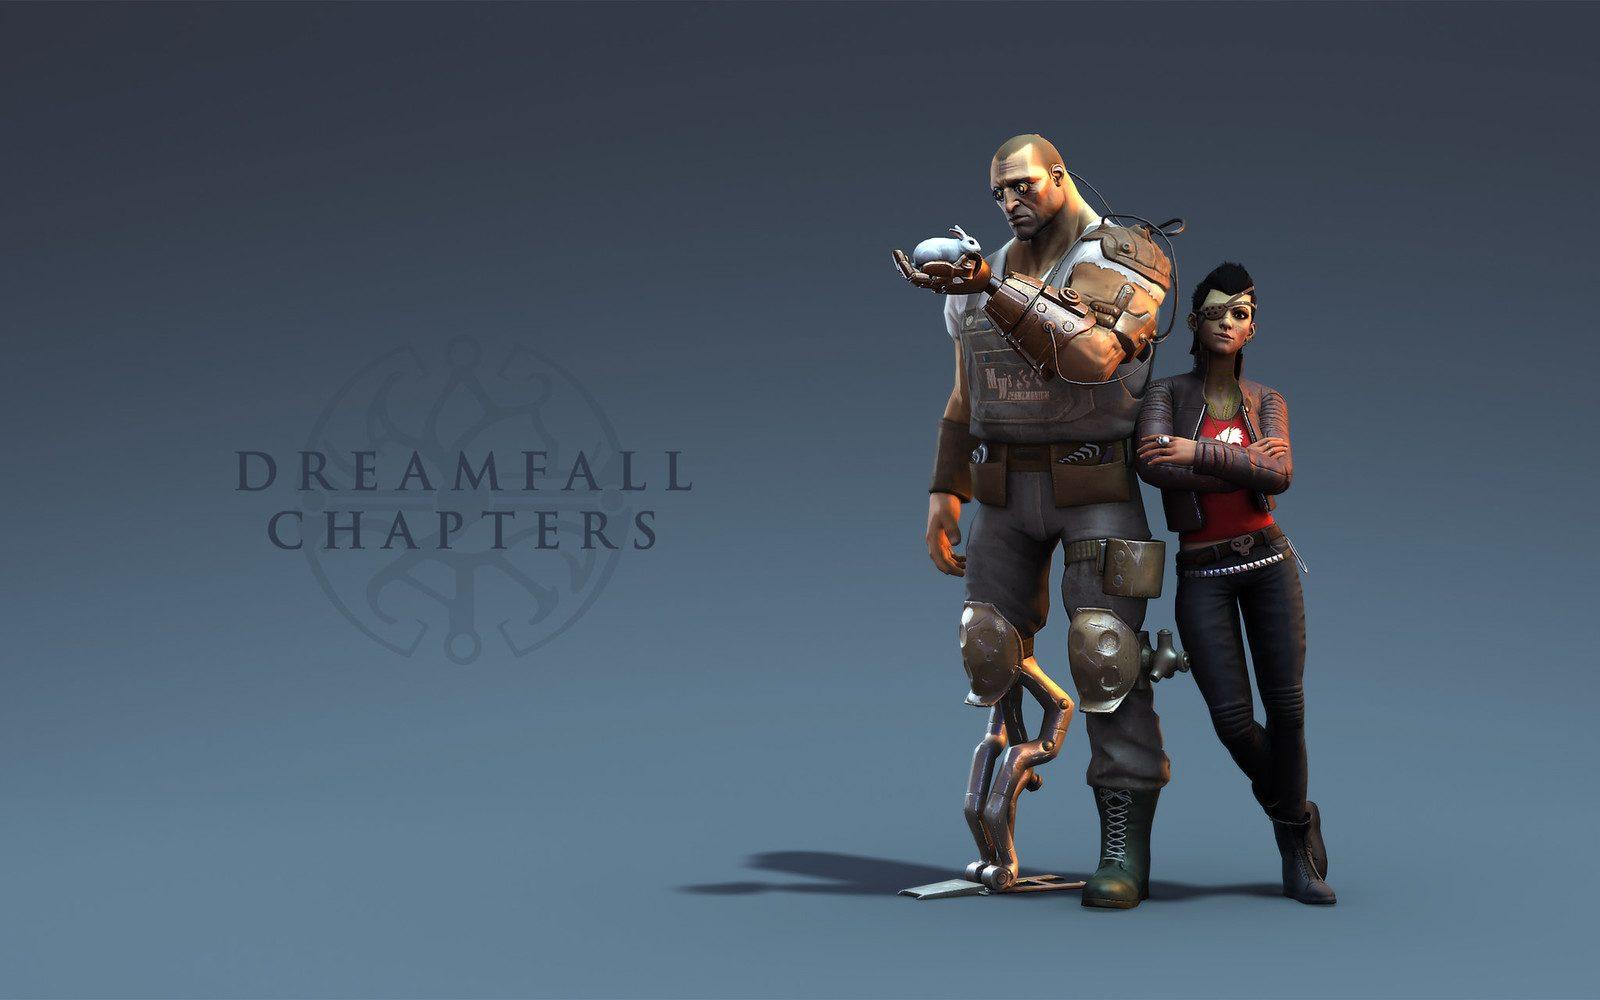 Episoden-Abenteuer Dreamfall Chapters erscheint demnächst für PS4